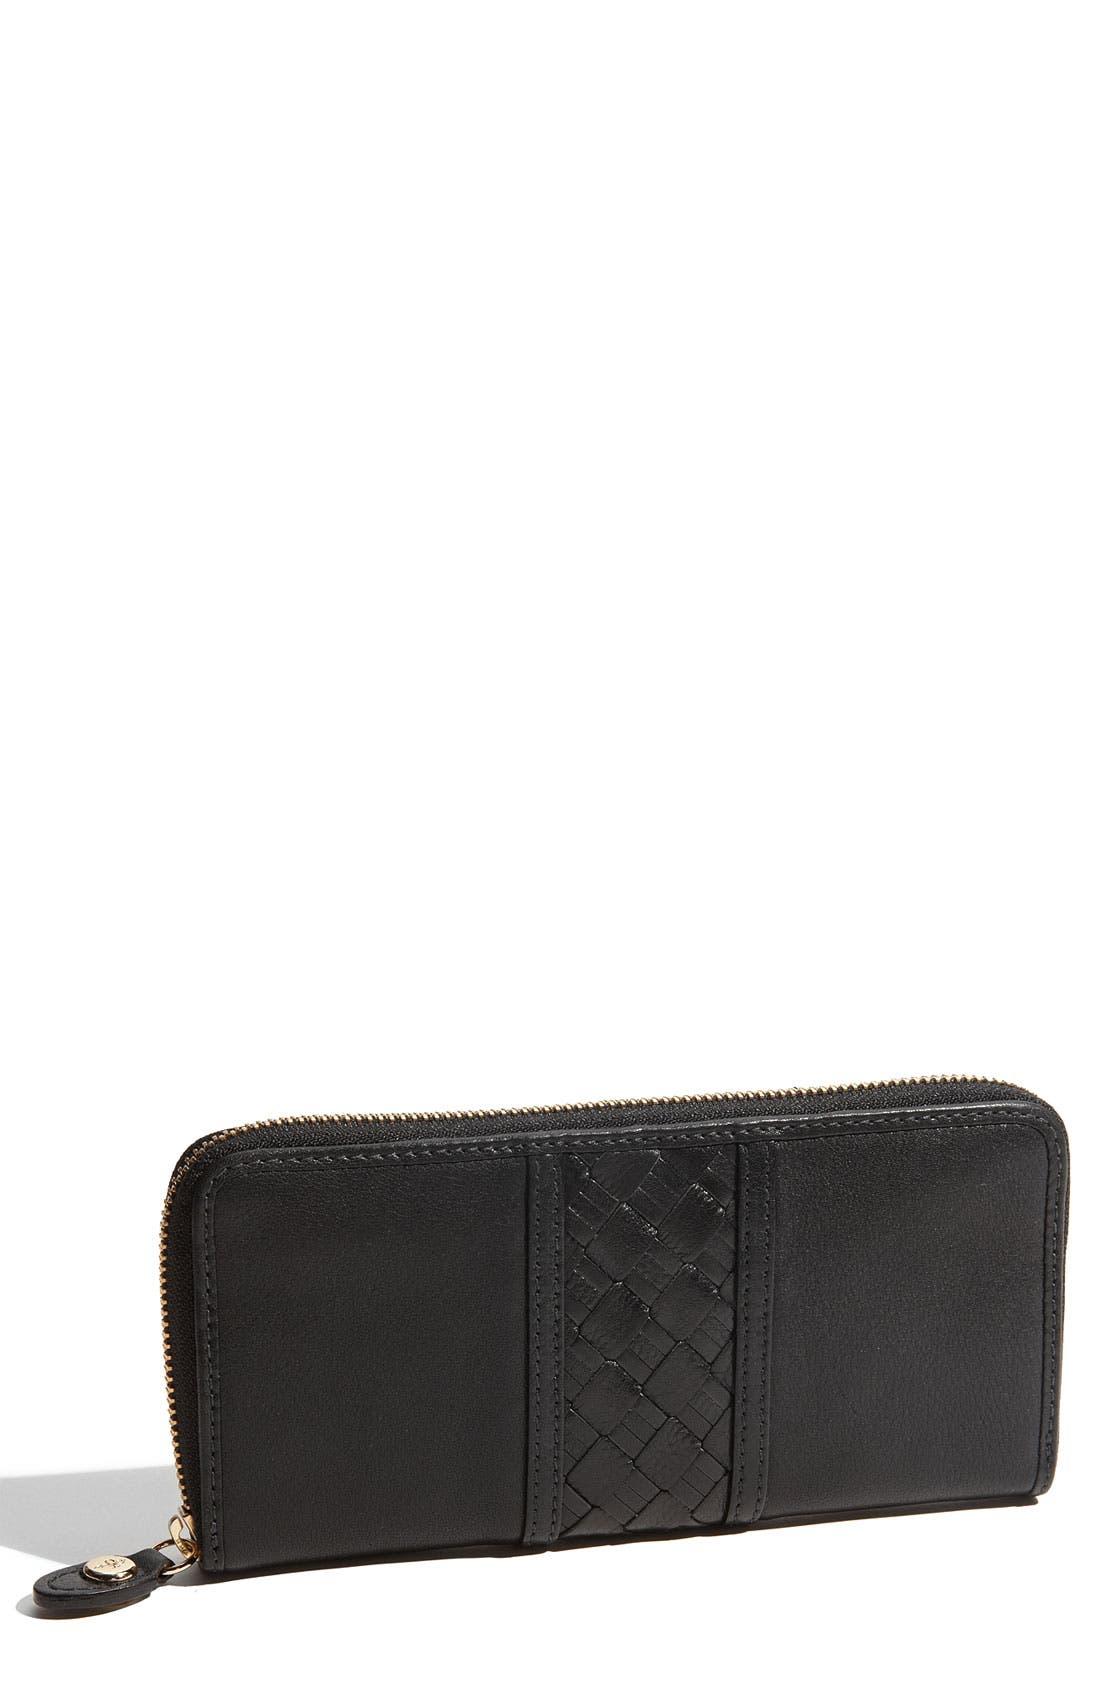 'Weave' Zip Around Travel Wallet, Main, color, 001